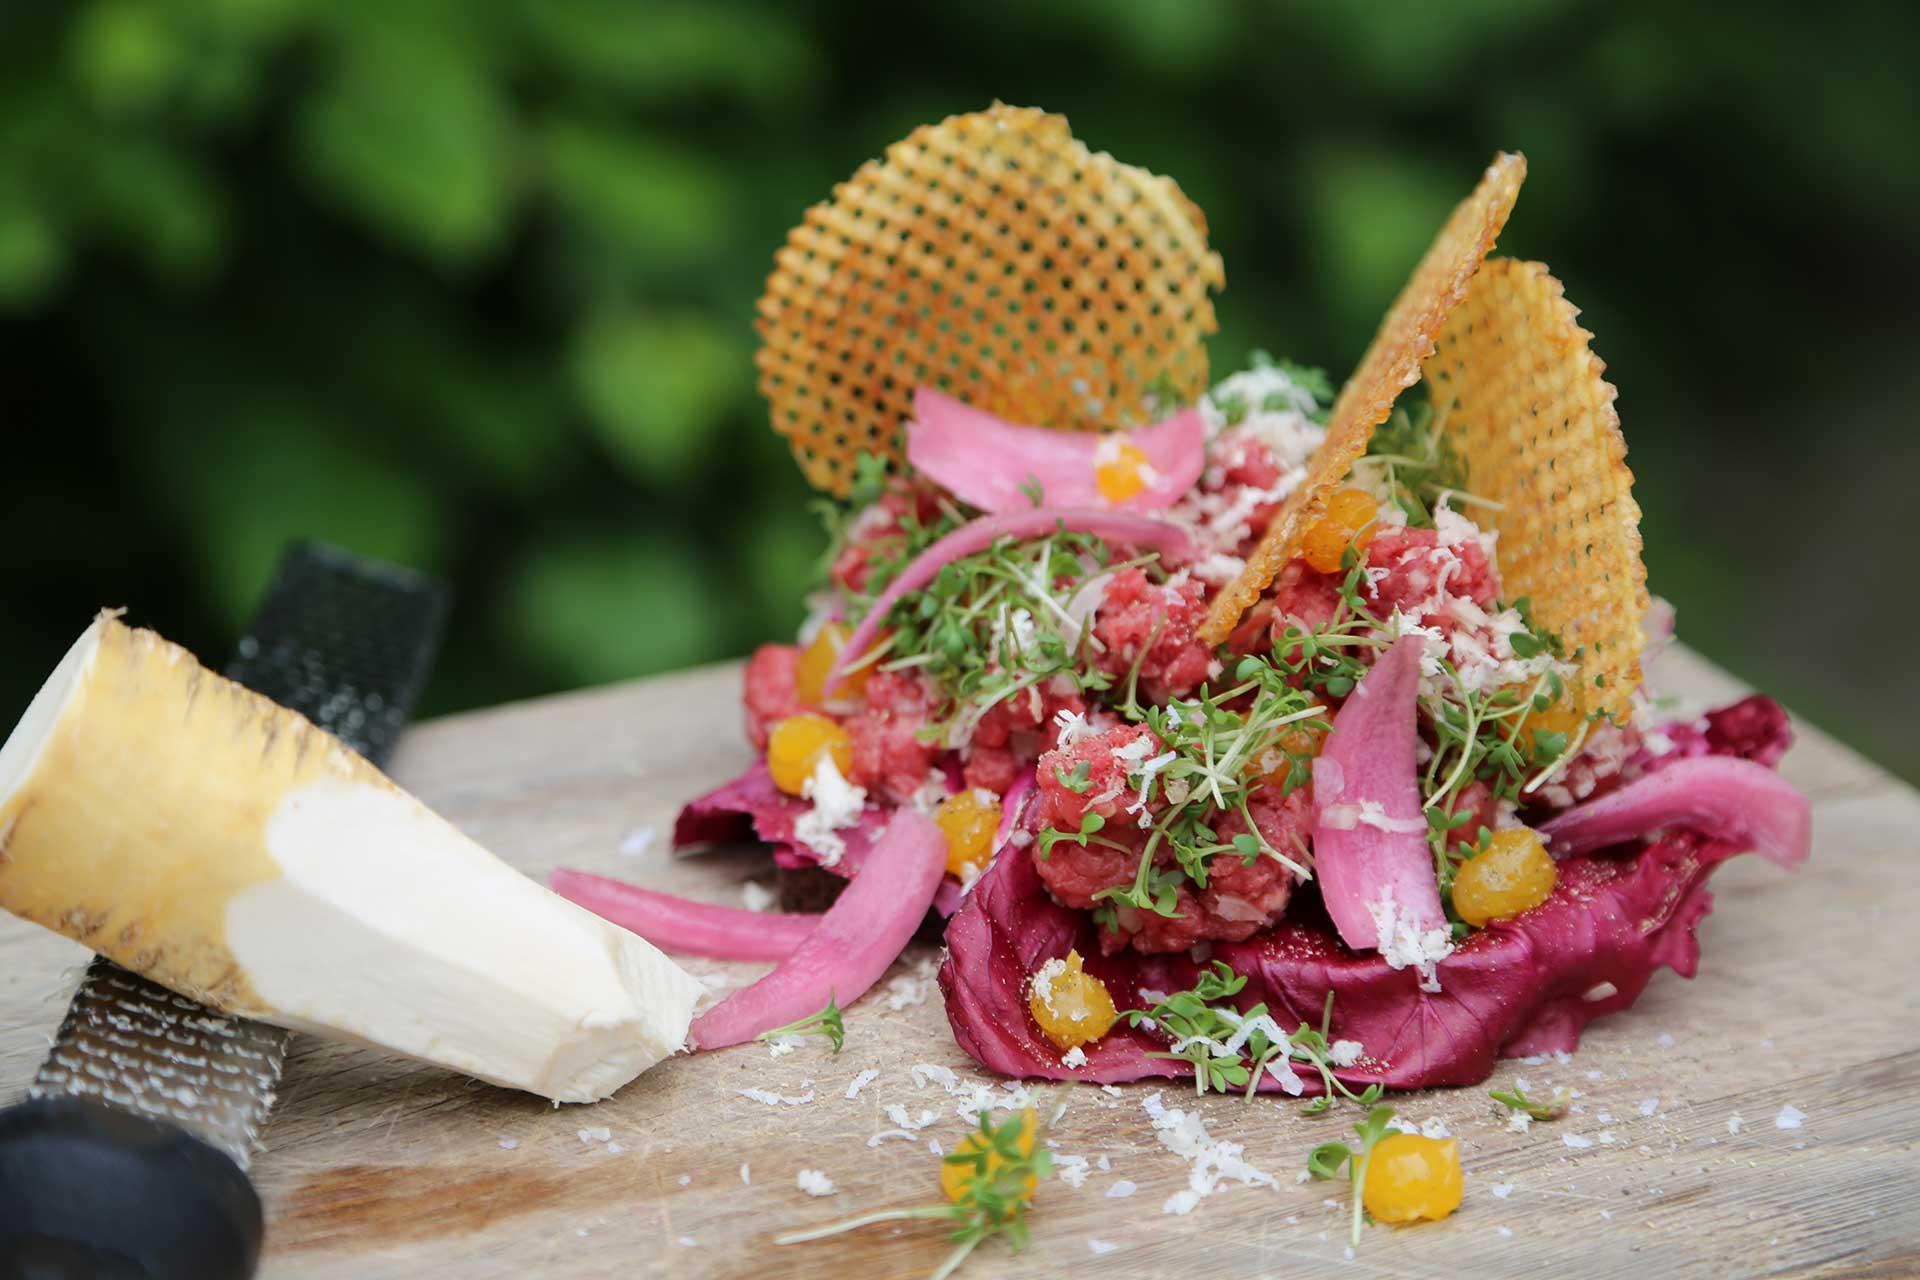 MÃ¥nedens køkken Mundwerk – Frokostfirmaet